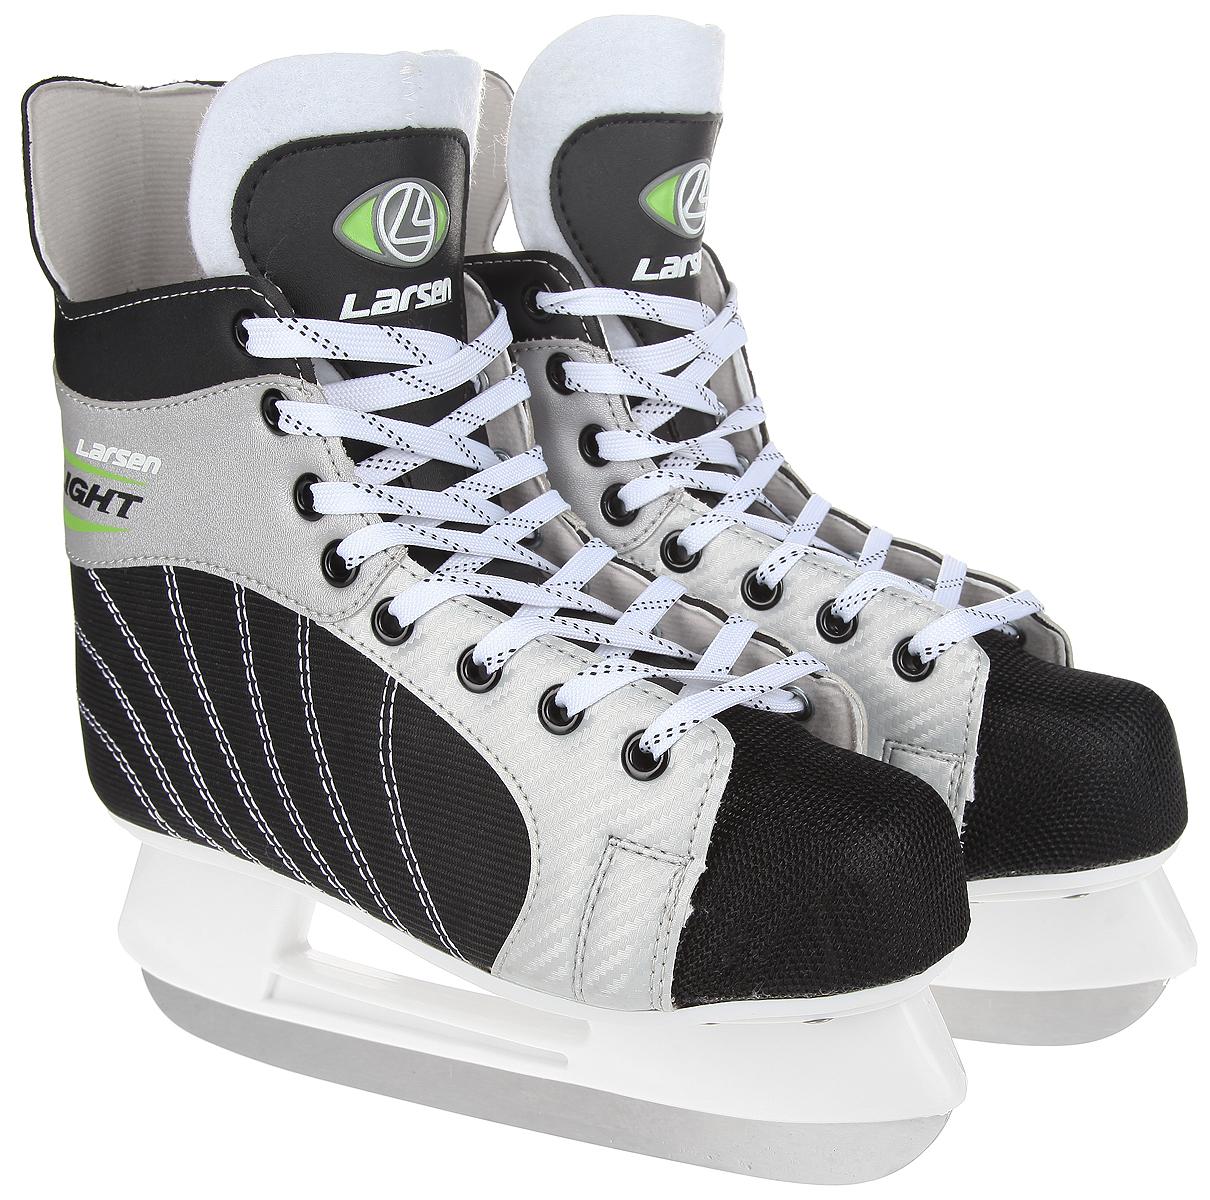 Коньки хоккейные мужские Larsen Light, цвет: черный, серебристый, белый. Размер 43